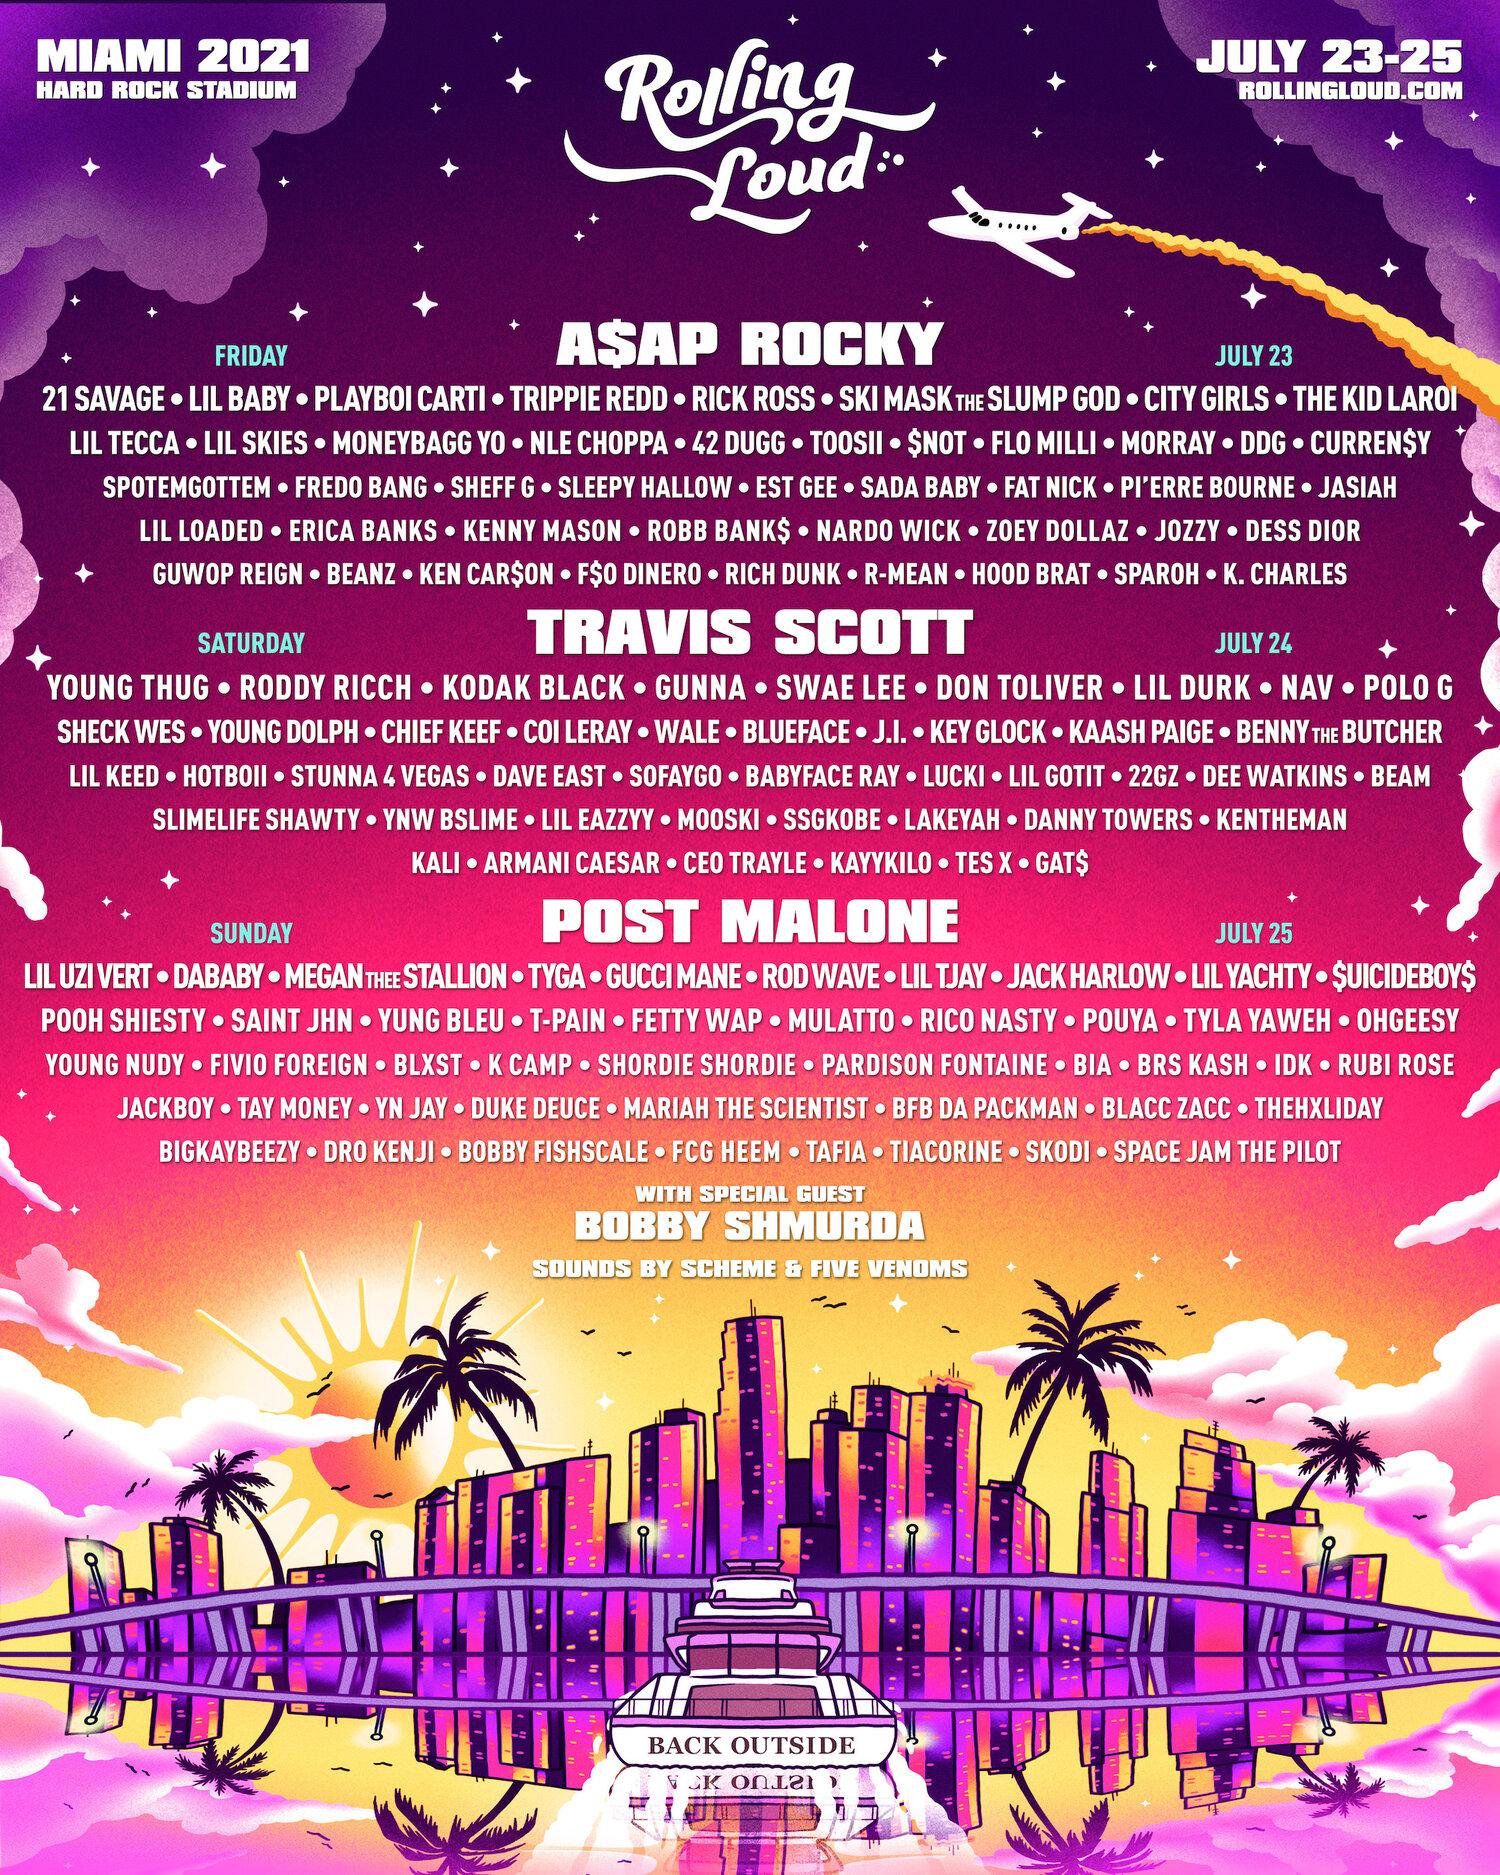 第一个大型的音乐节回归,Travis Scott, Post Malone, A$AP Rocky将领衔表演阵容